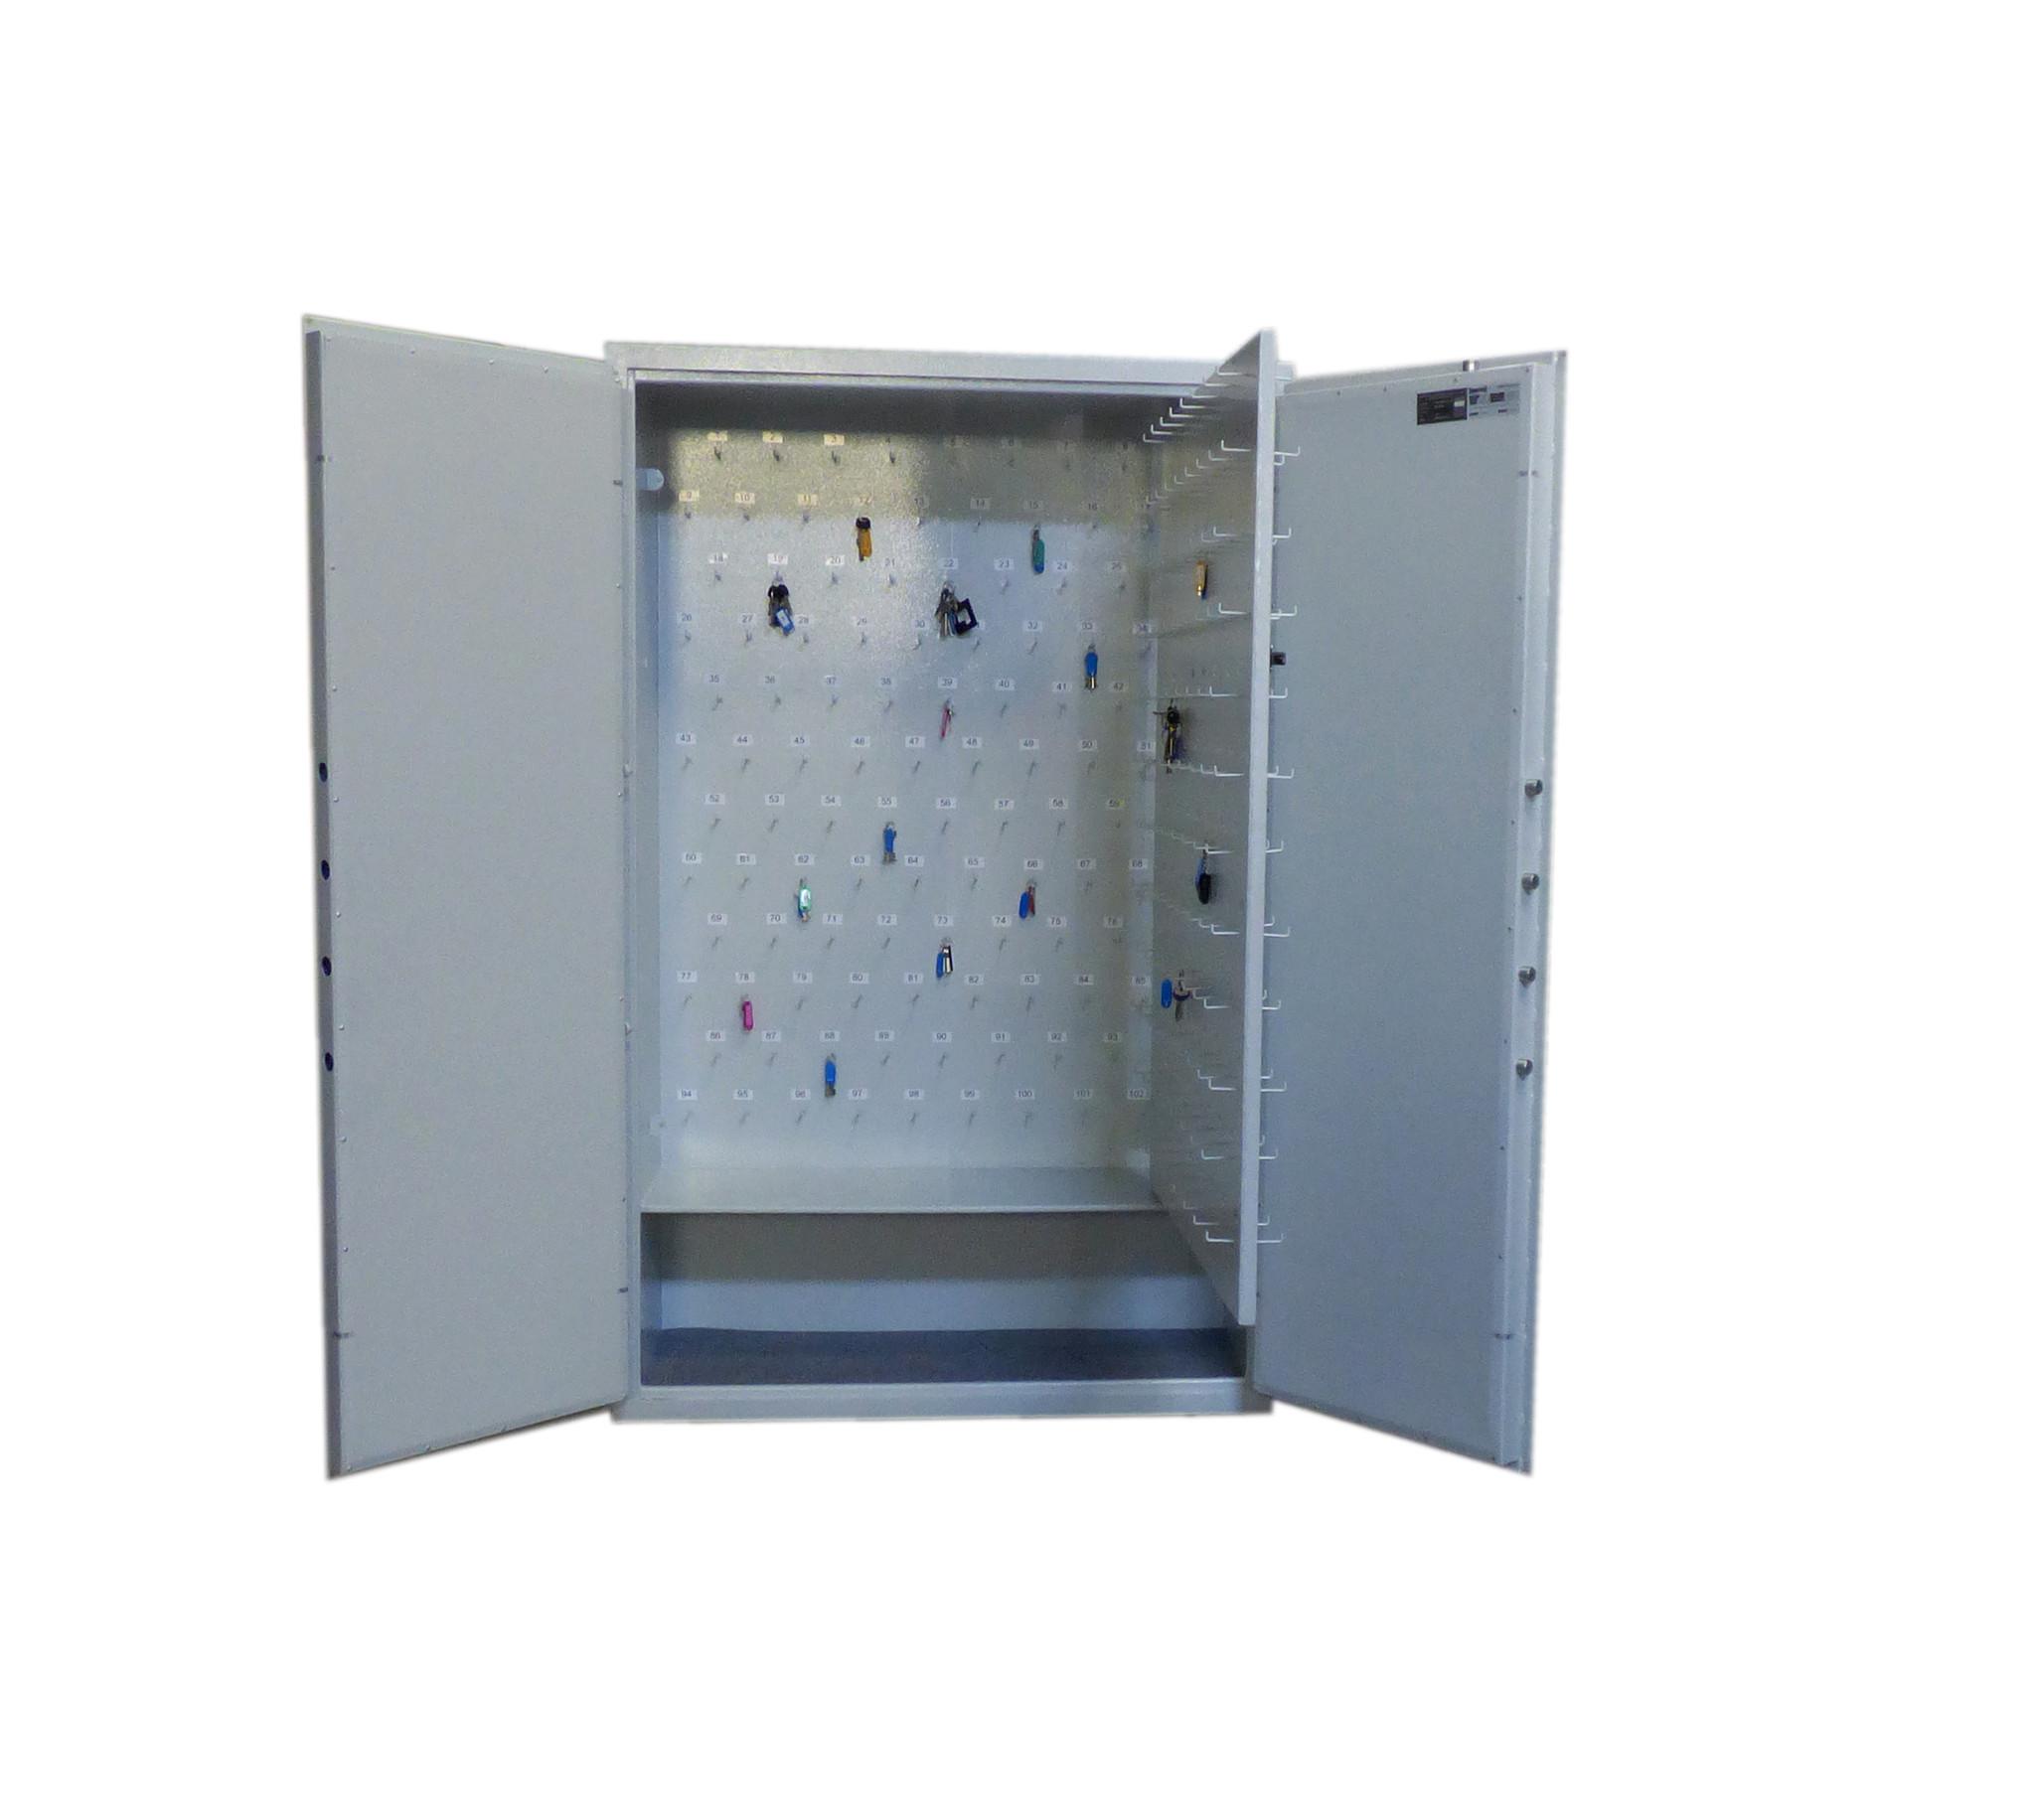 Sleutelkluis 1778 SSK/S-2 voor 300 - 600 sleutels, rdw kluis, bovag kluis